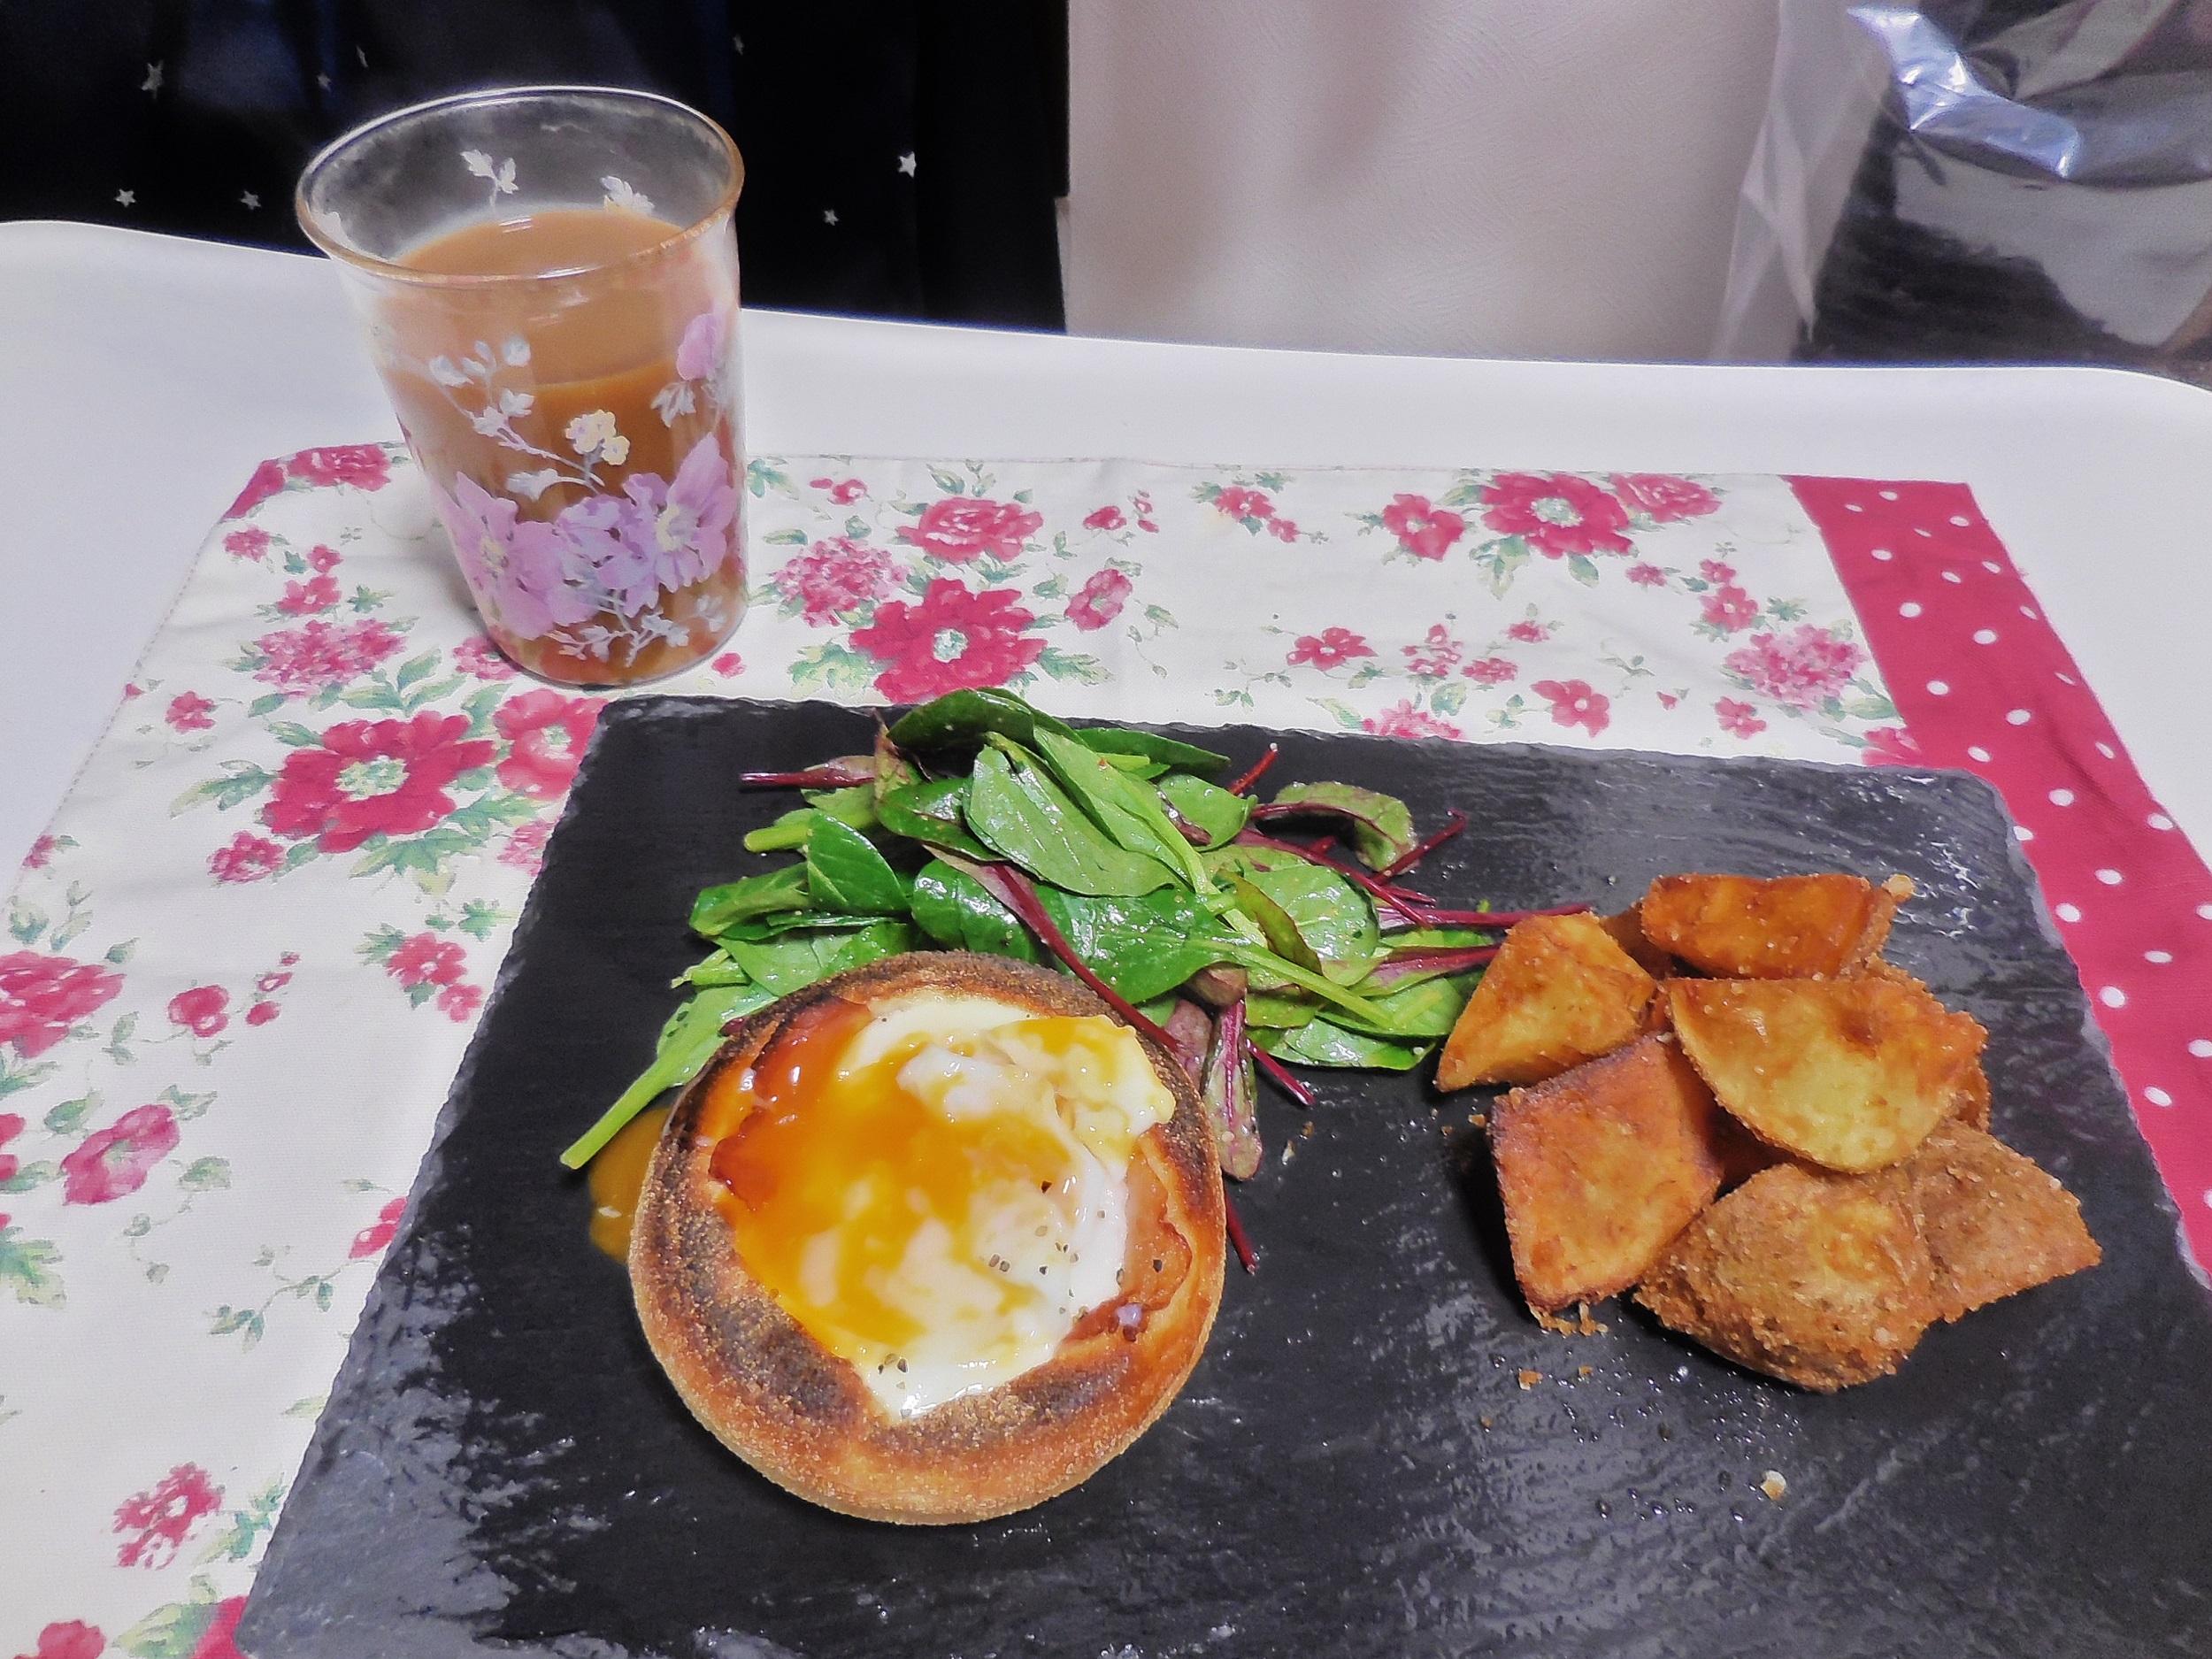 【最強の朝食と言われるイングリッシュマフィンを使ったレシピ、わたしもためしてみました!】_3